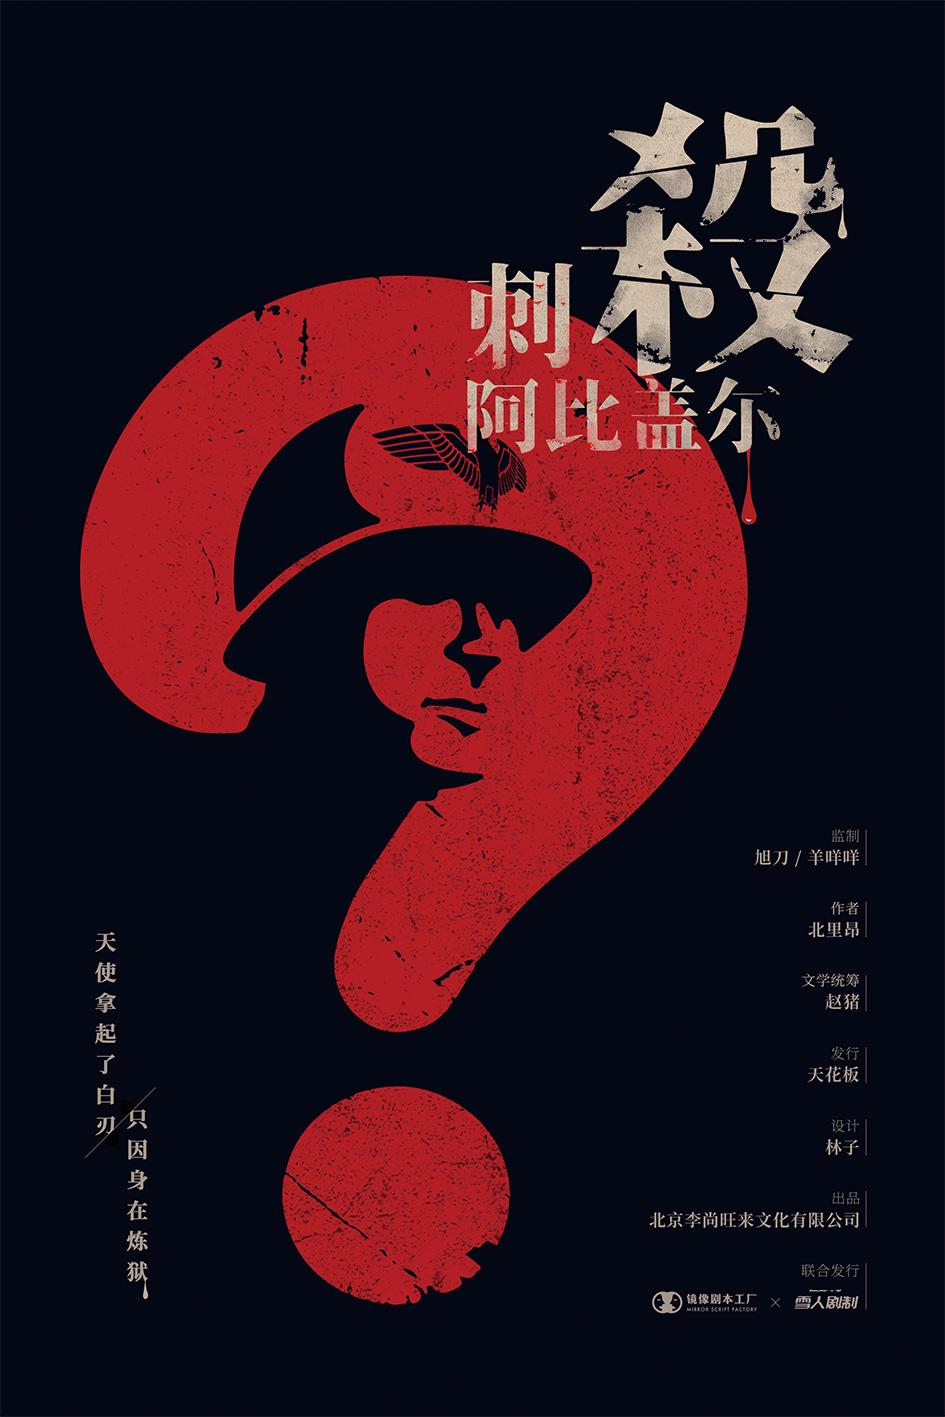 剧本杀刺杀阿比盖尔复盘解析+凶手是谁+手法动机+剧透